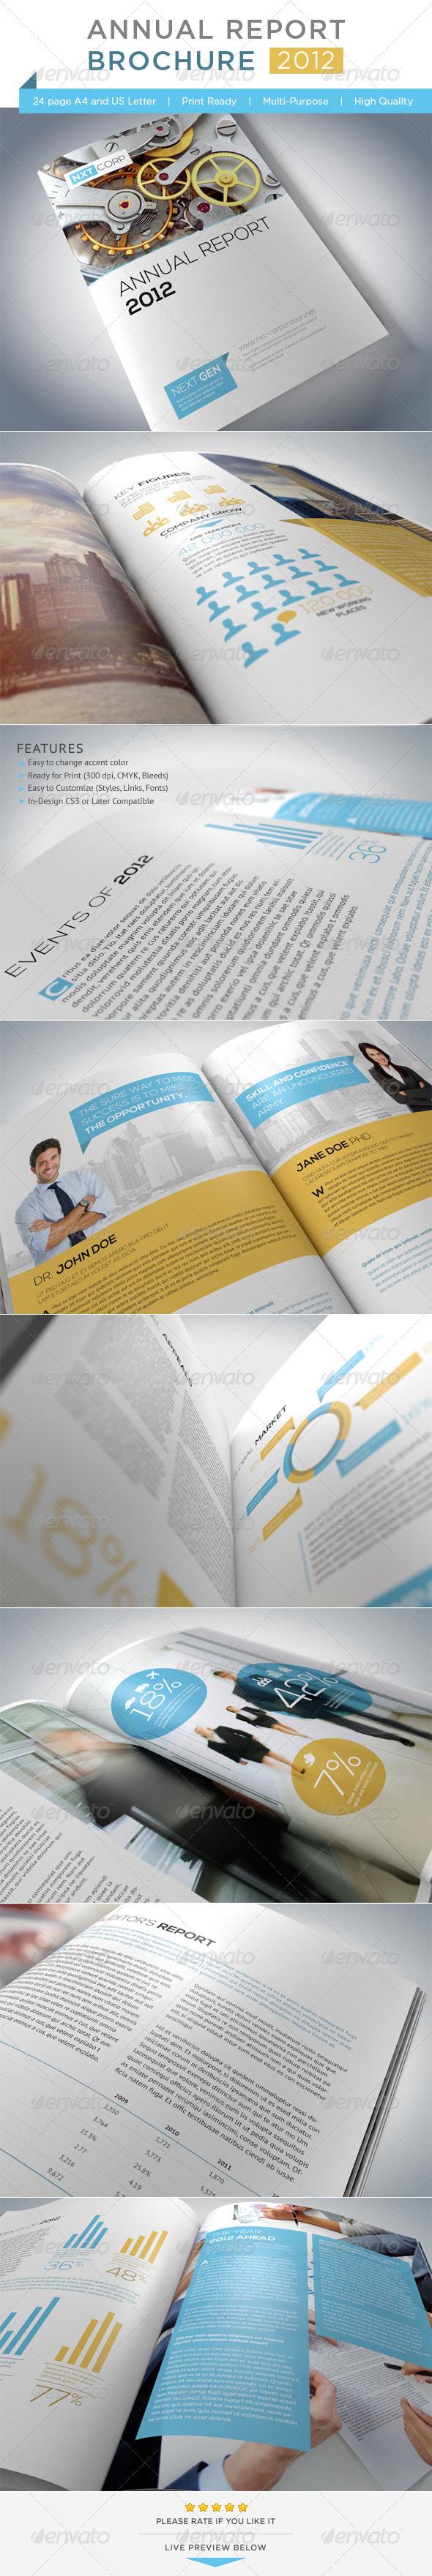 GraphicRiver Annual Report Brochure 3068824